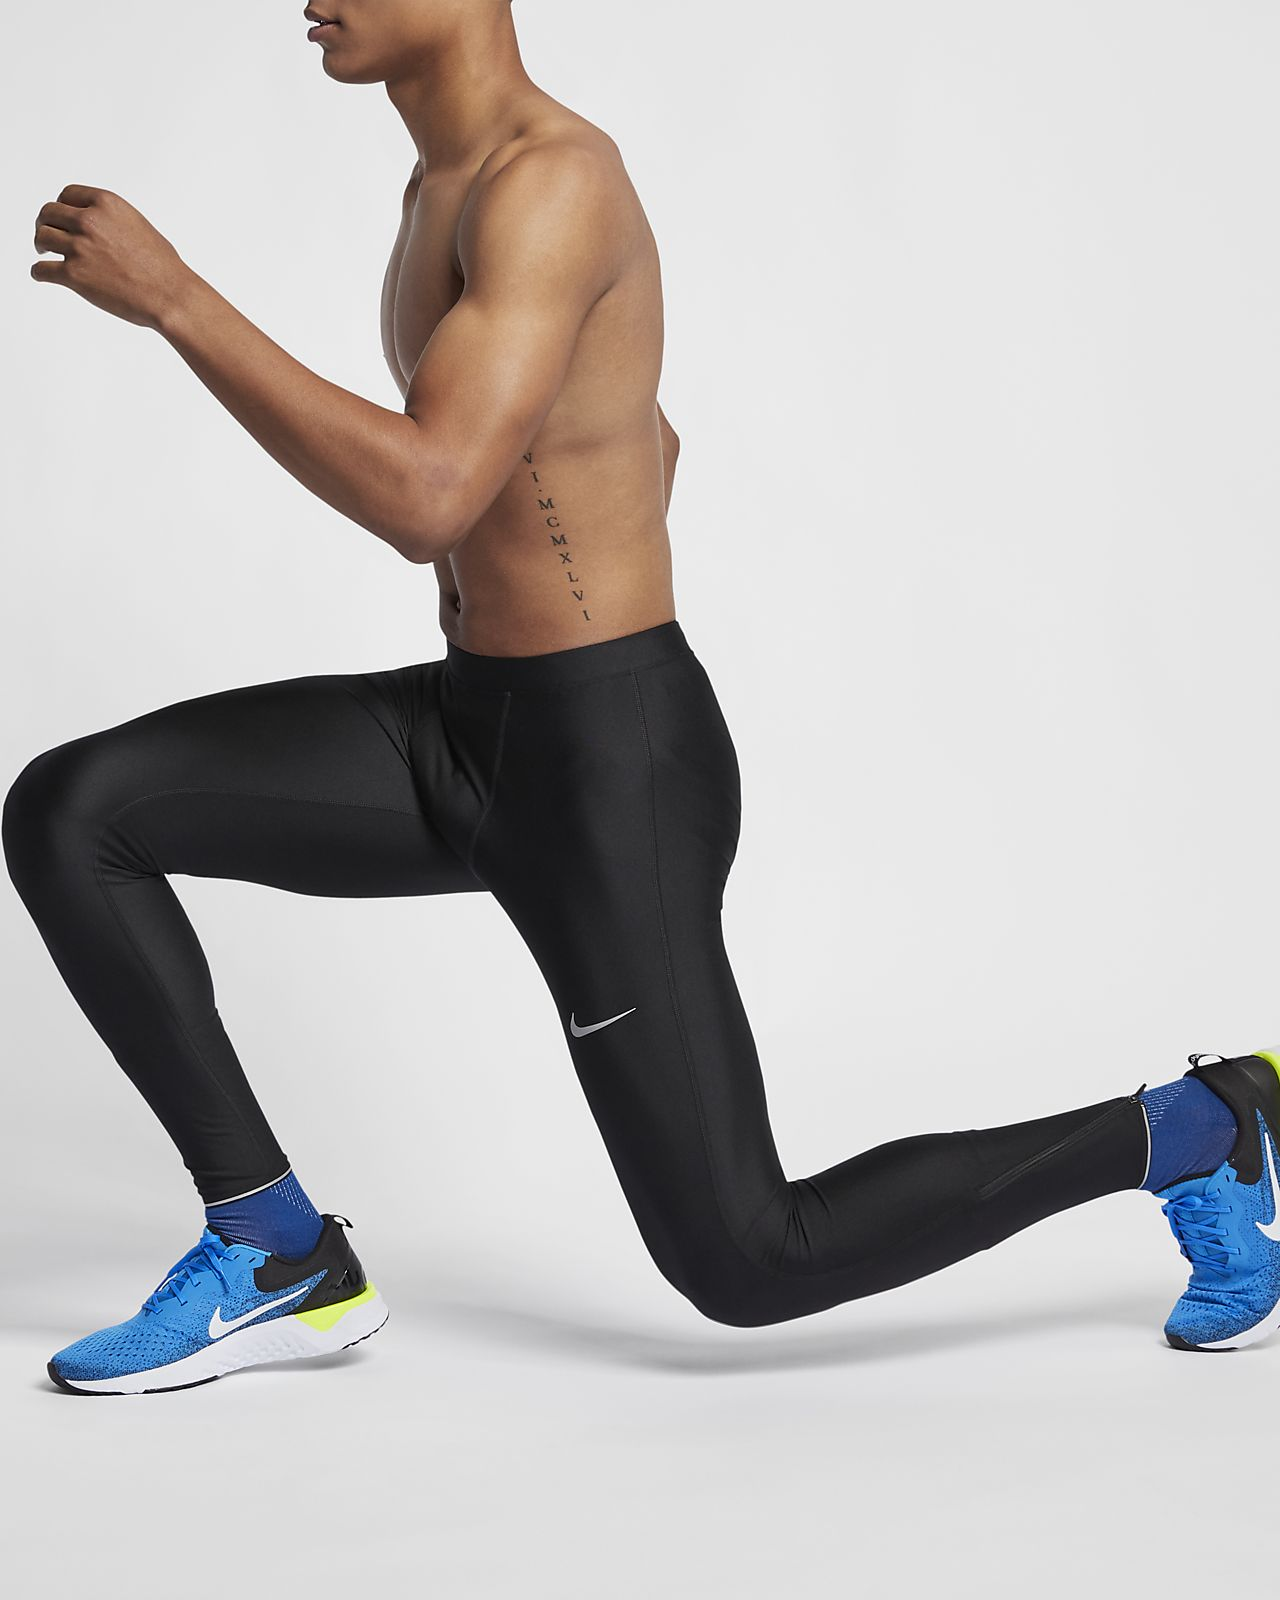 Nike testhezálló férfi futónadrág